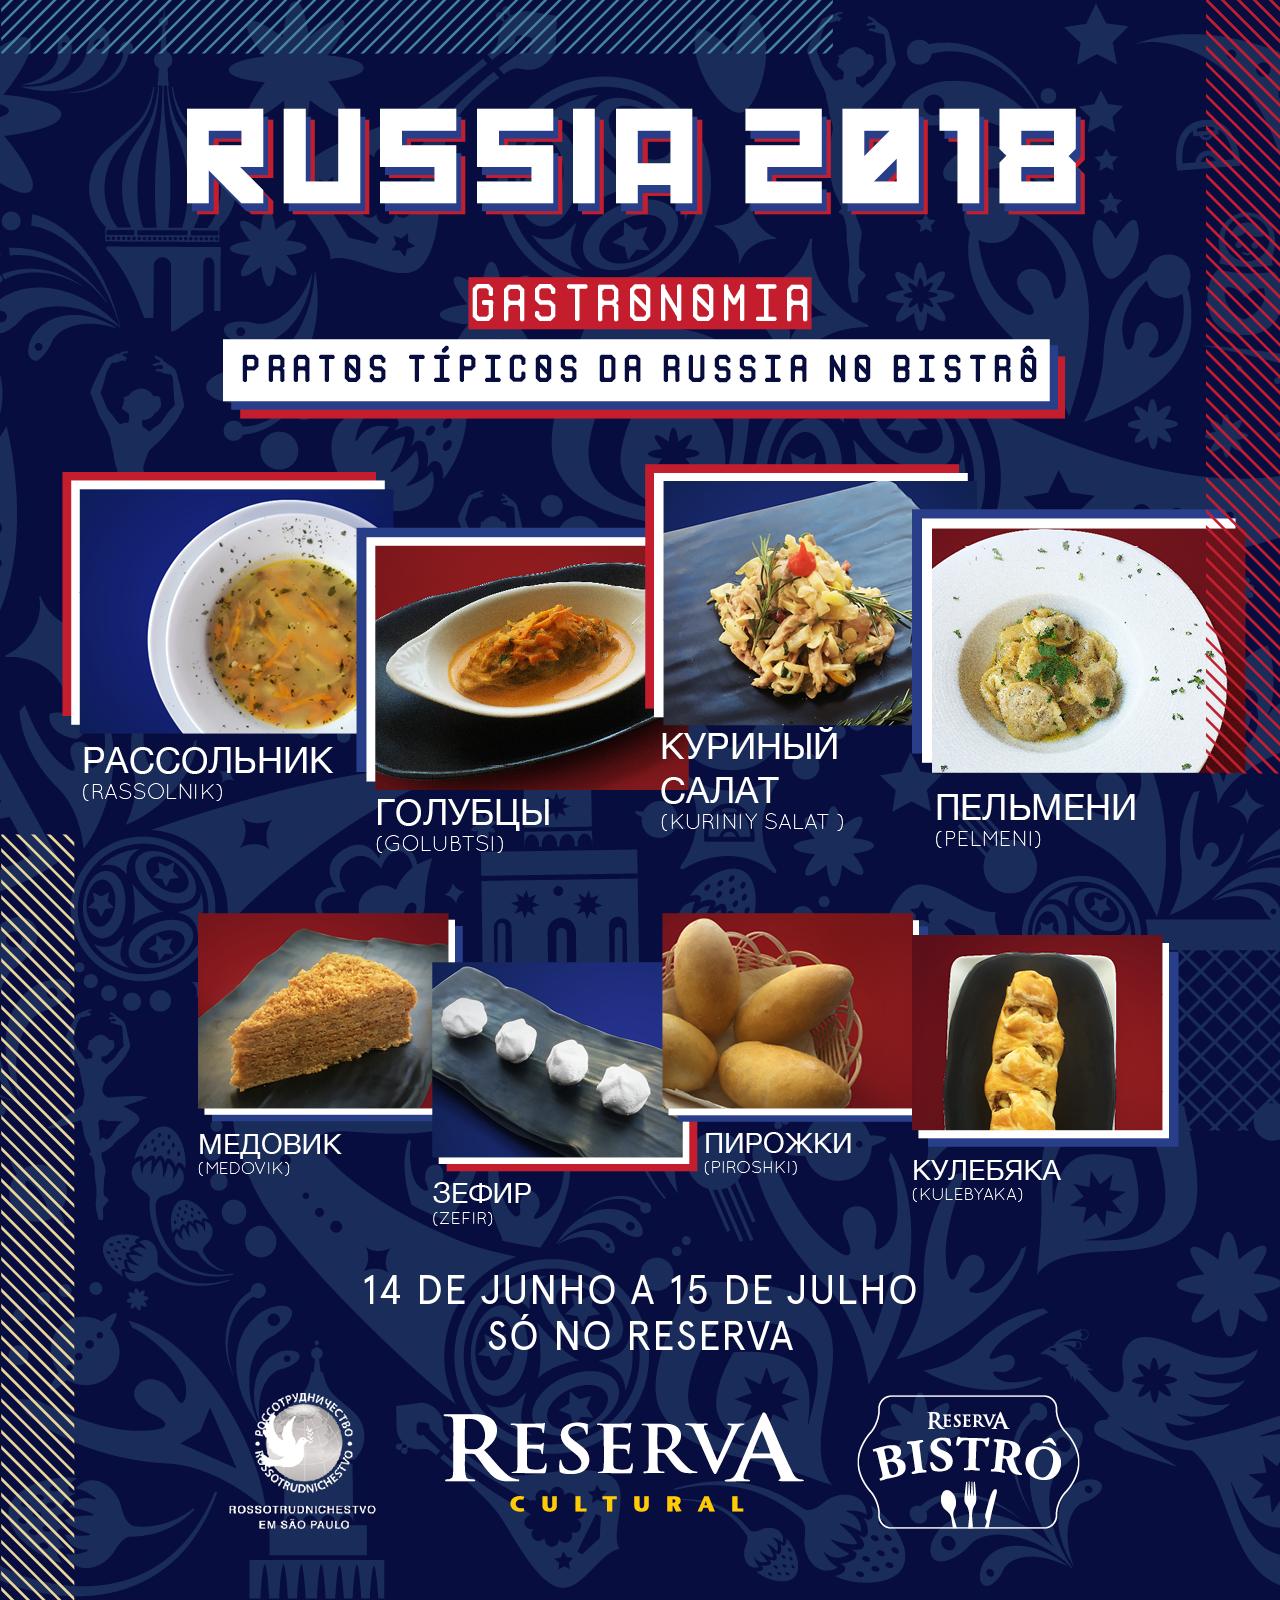 Arte_Russia_Gastronomia_v3 (002)